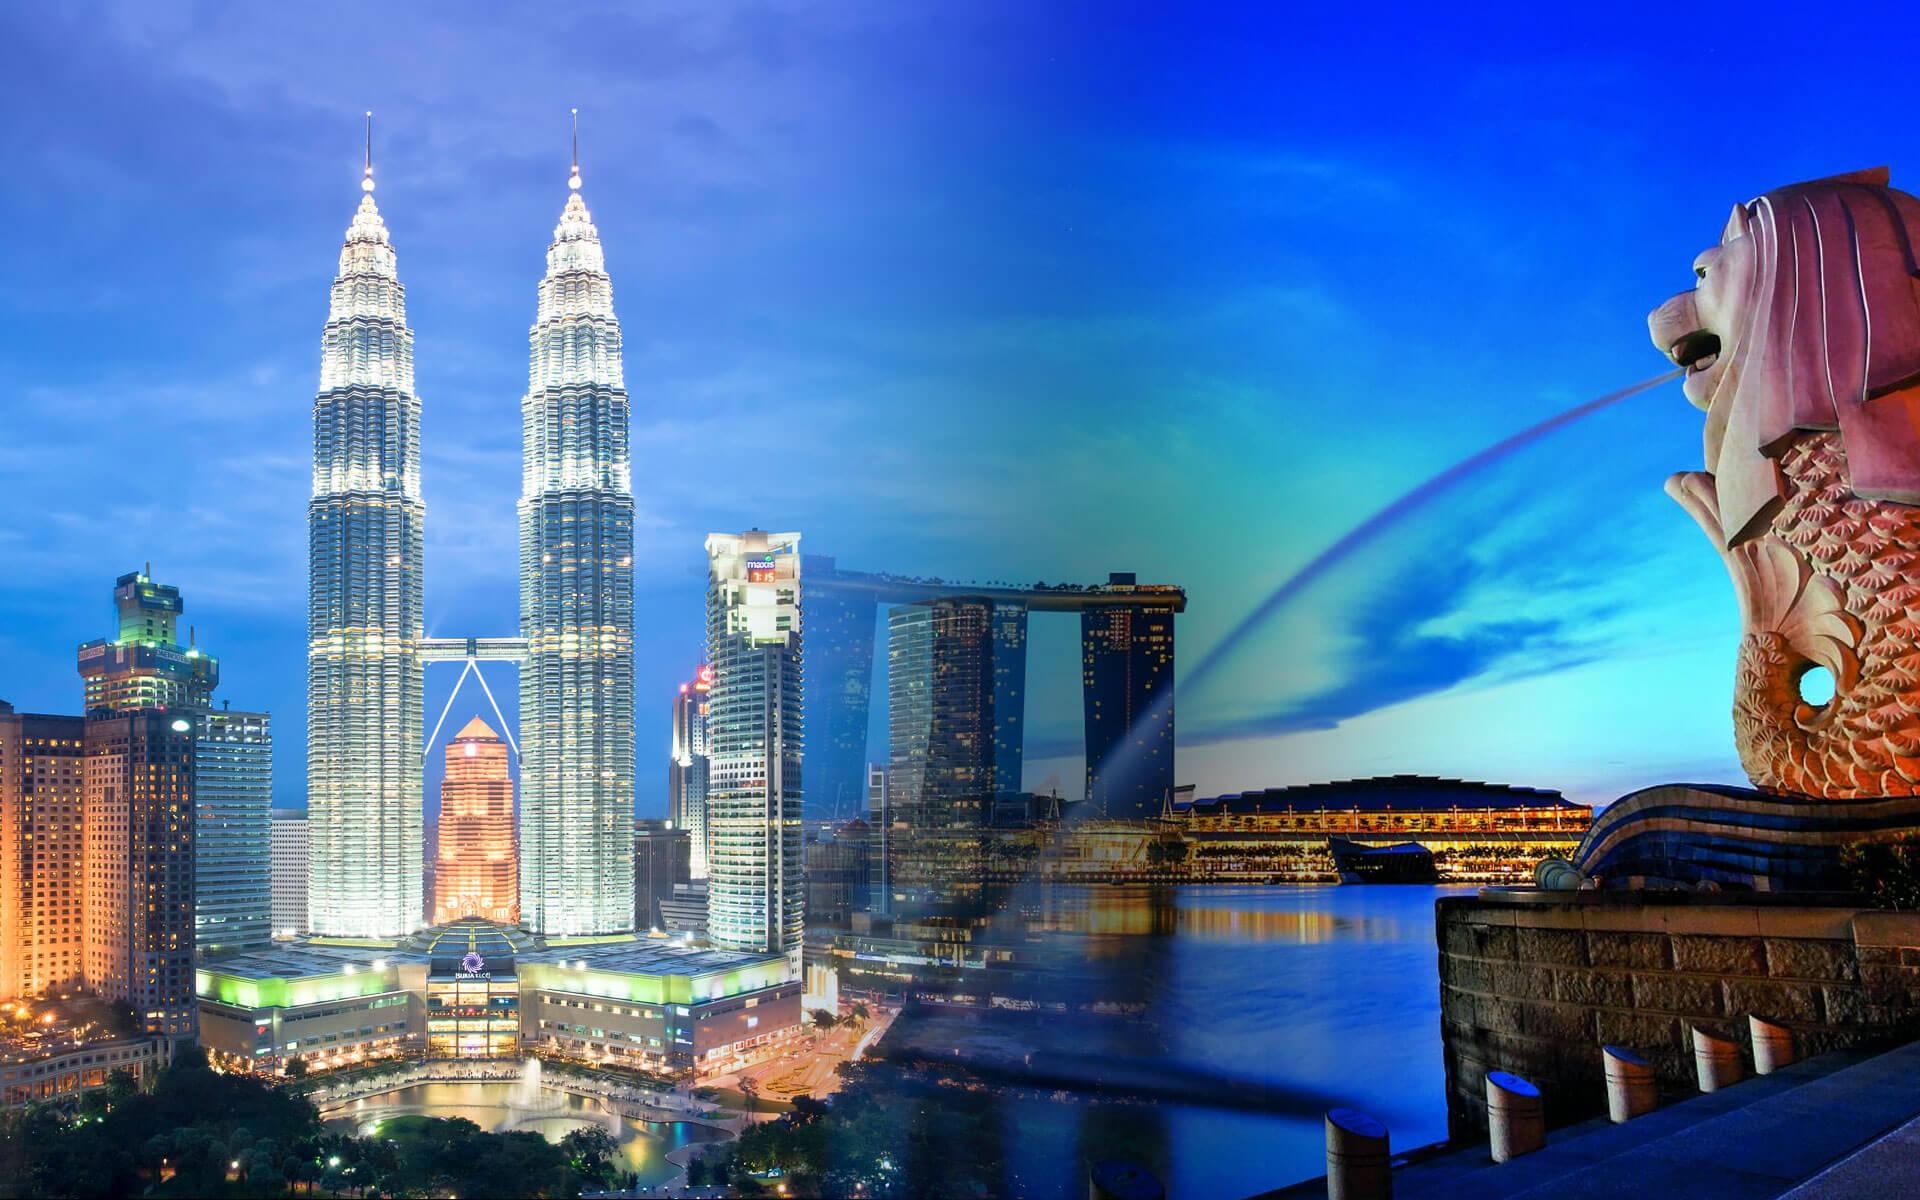 Malaysia/Singapore